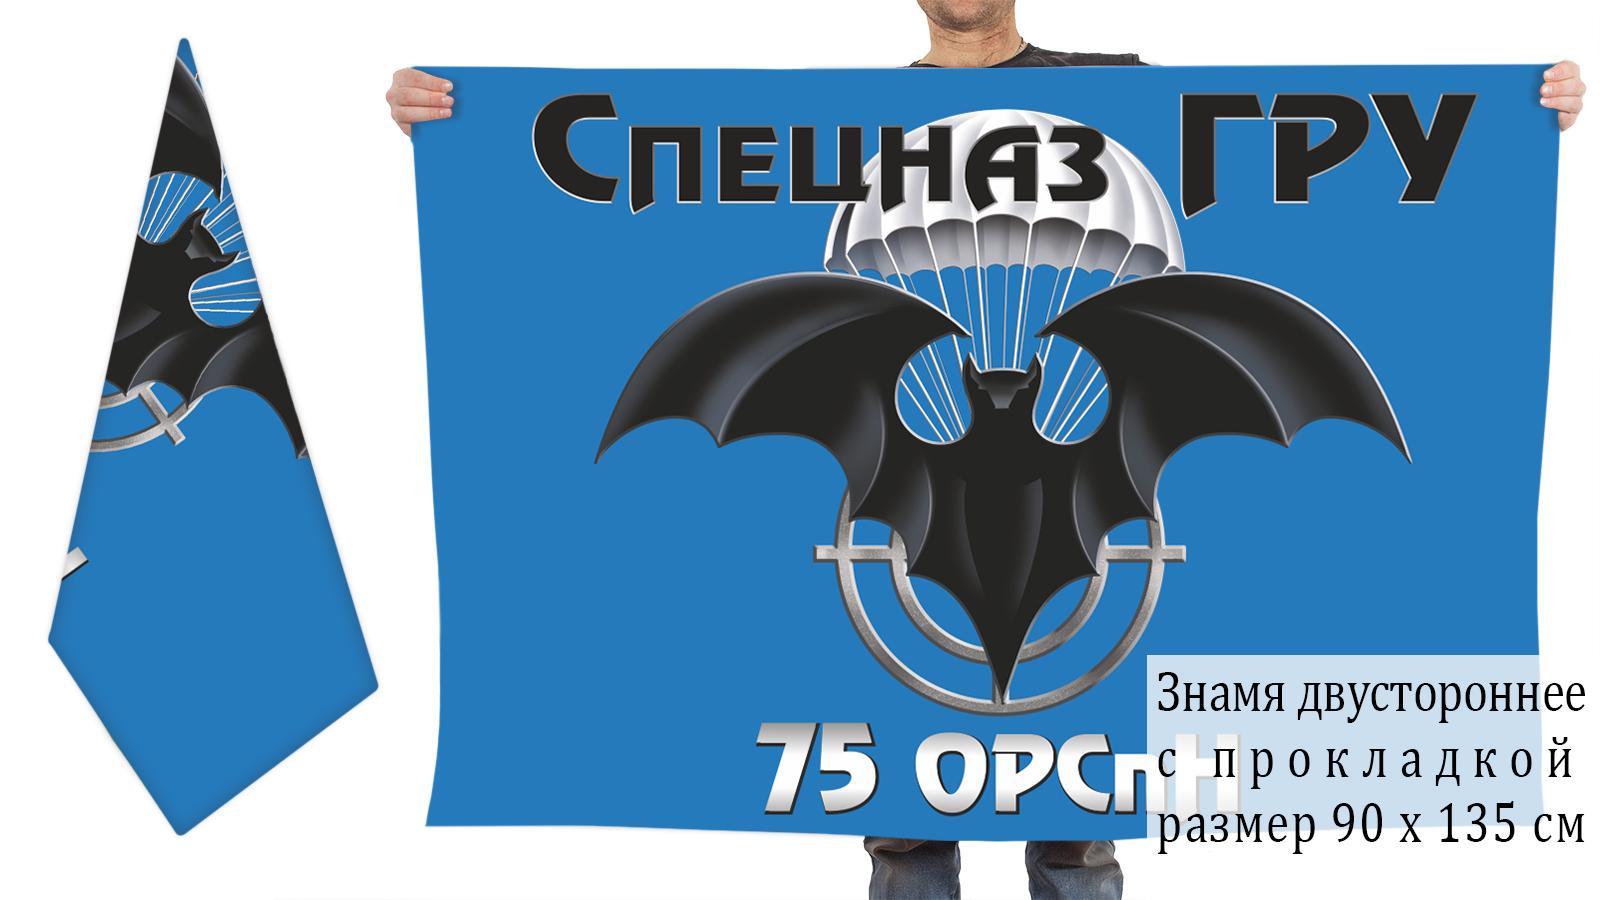 Двусторонний флаг 75 ОРСпН спецназа ГРУ